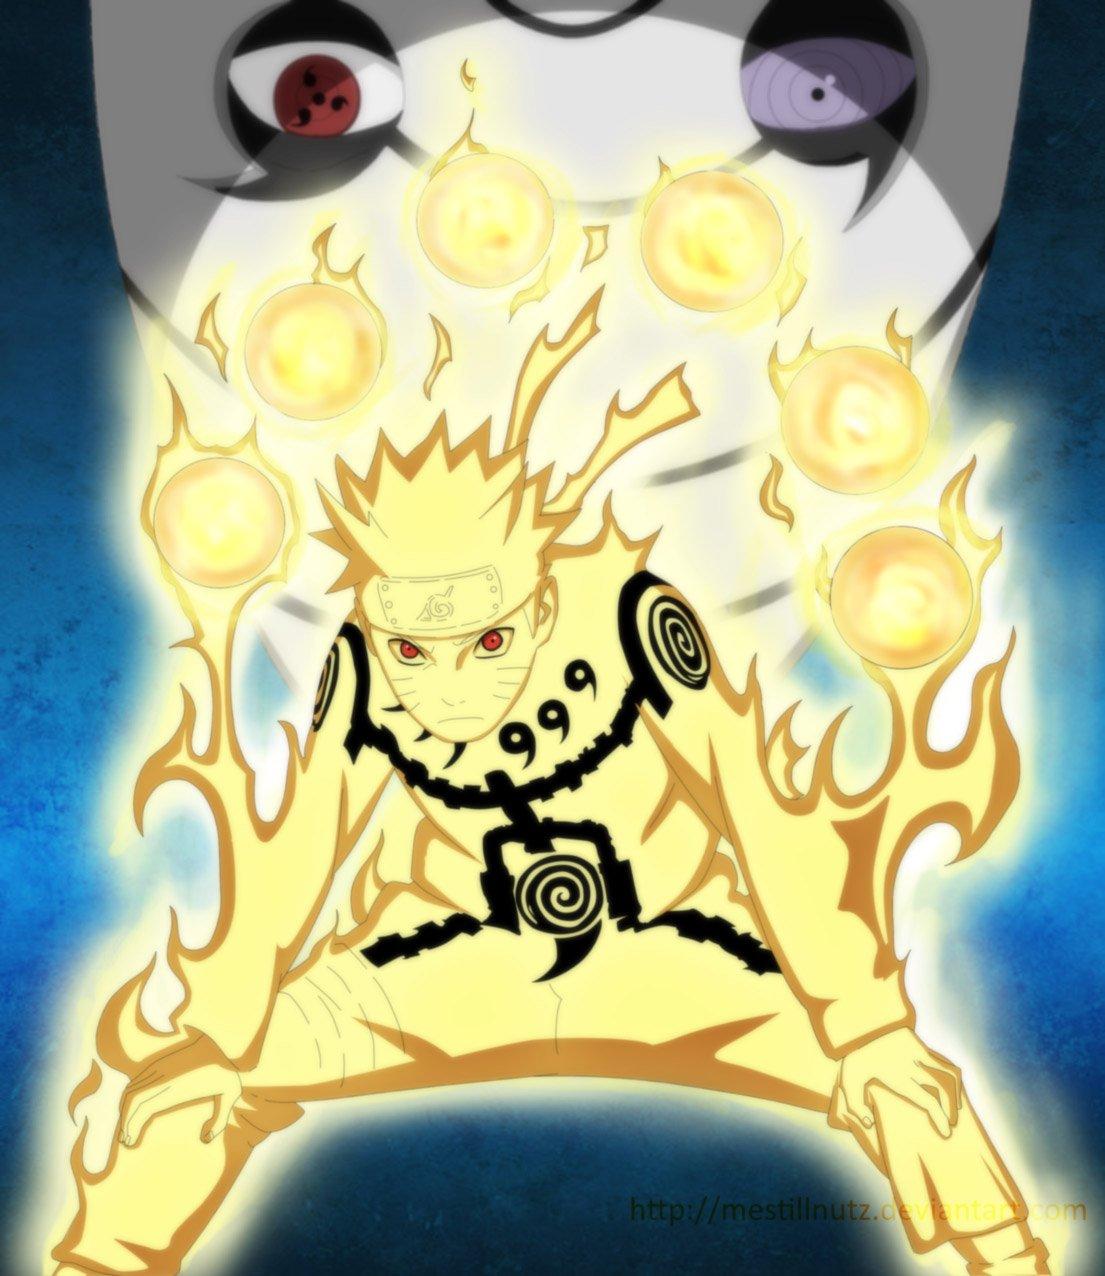 Фанаты, любители и поклонники! Пляшем, поём, веселимся. Вышел трейлер новой арки аниме Naruto Shippuden! Филлеры зак ... - Изображение 1